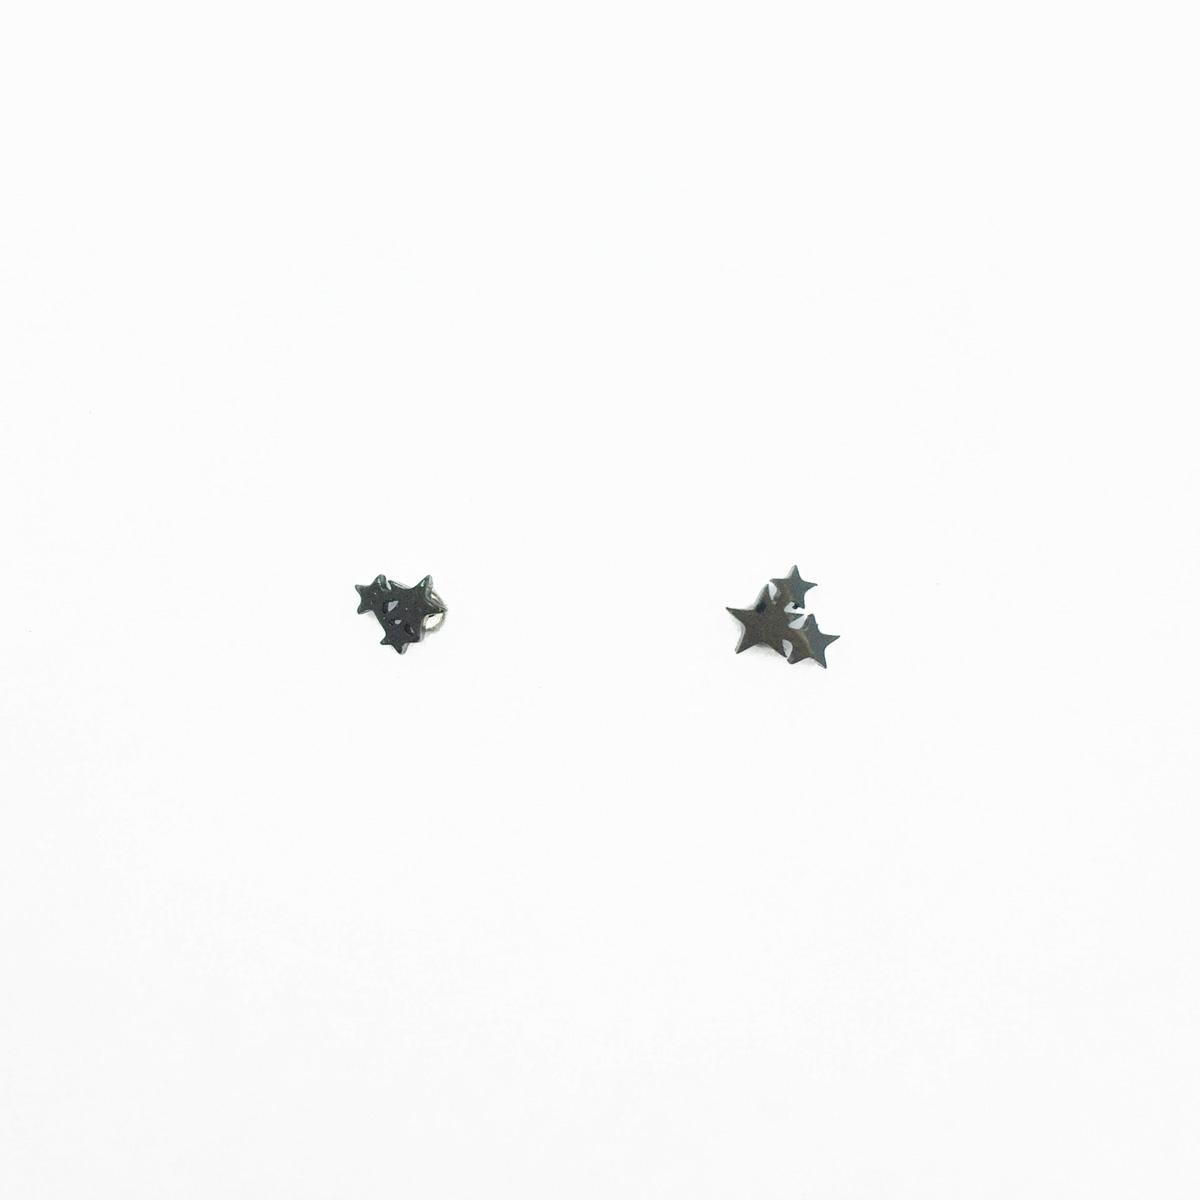 韓國 不鏽鋼 星星 不對稱 黑色 個性百搭款 後轉耳針式耳環